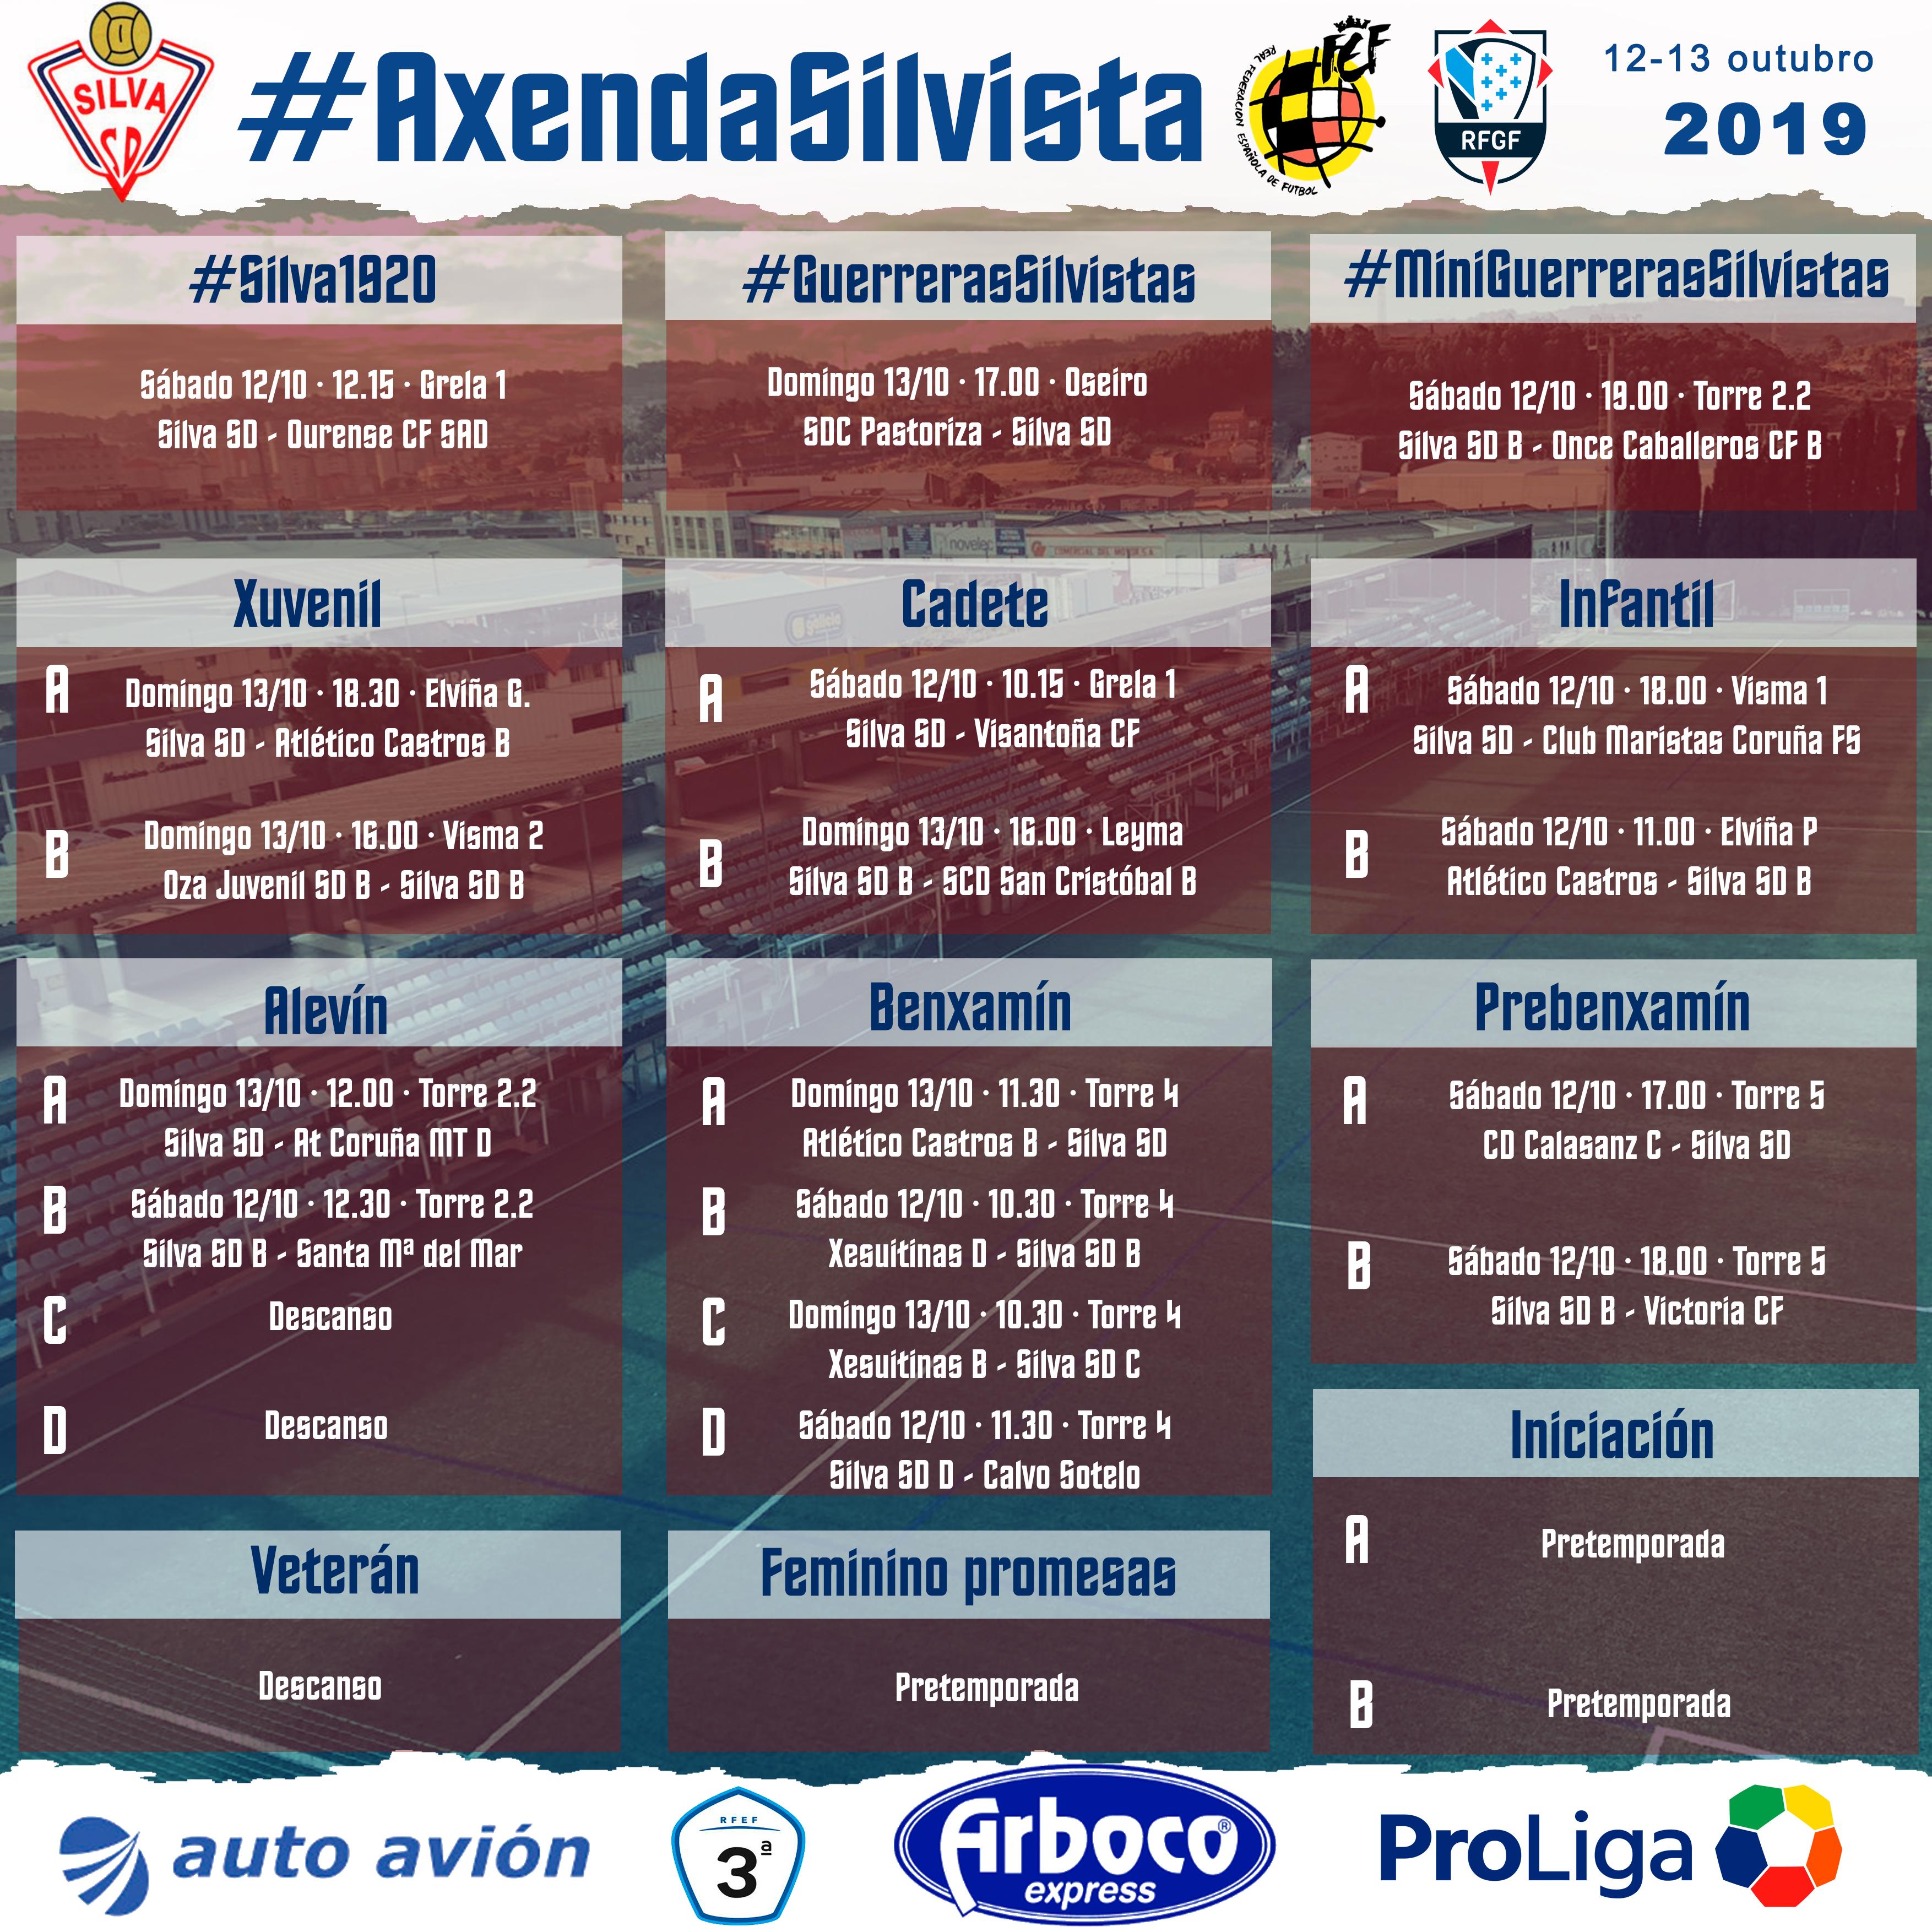 #AxendaSilvista